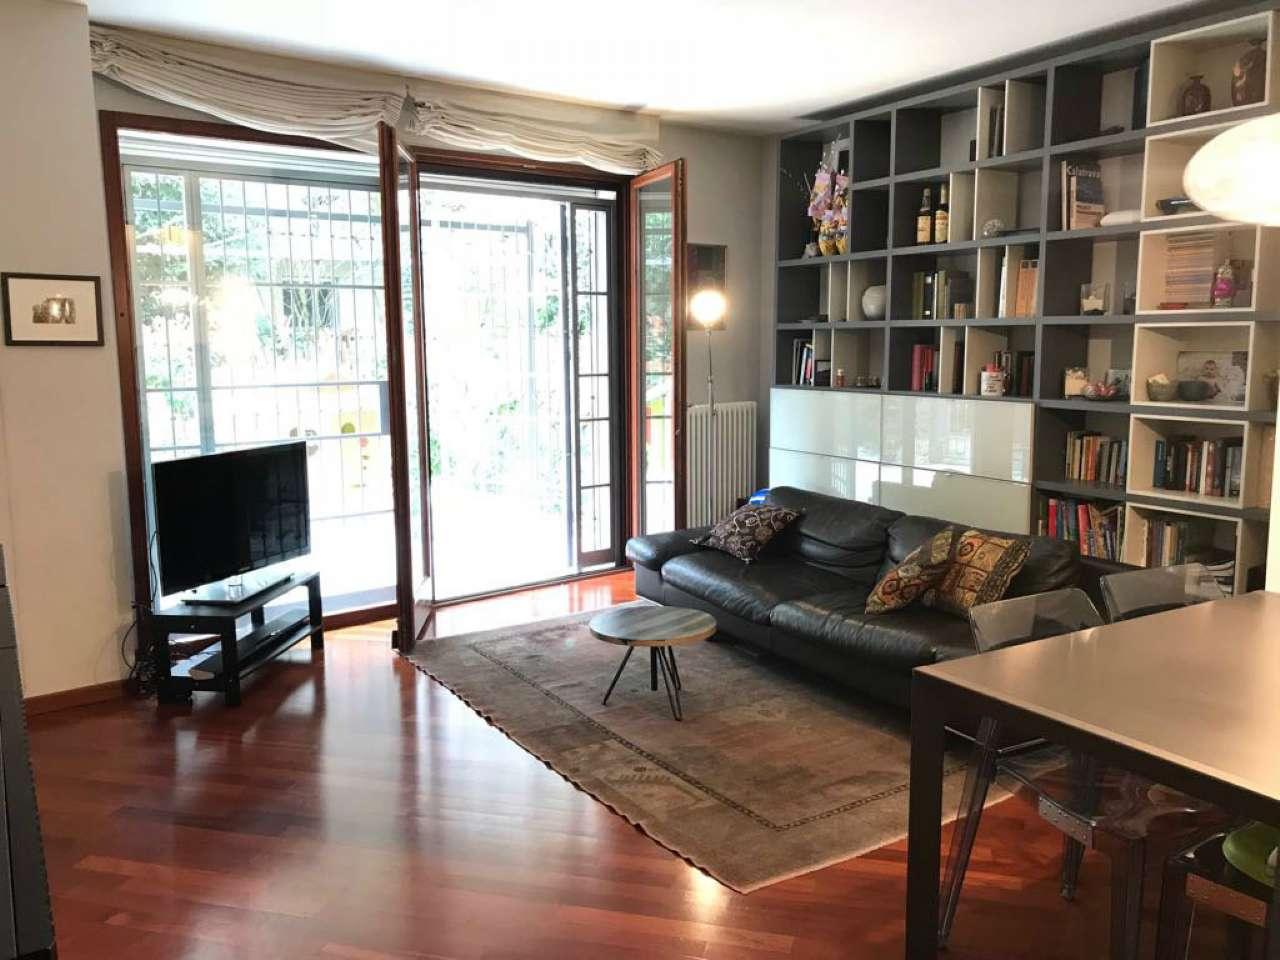 Casa indipendente in Vendita a Ravenna Centro: 3 locali, 107 mq